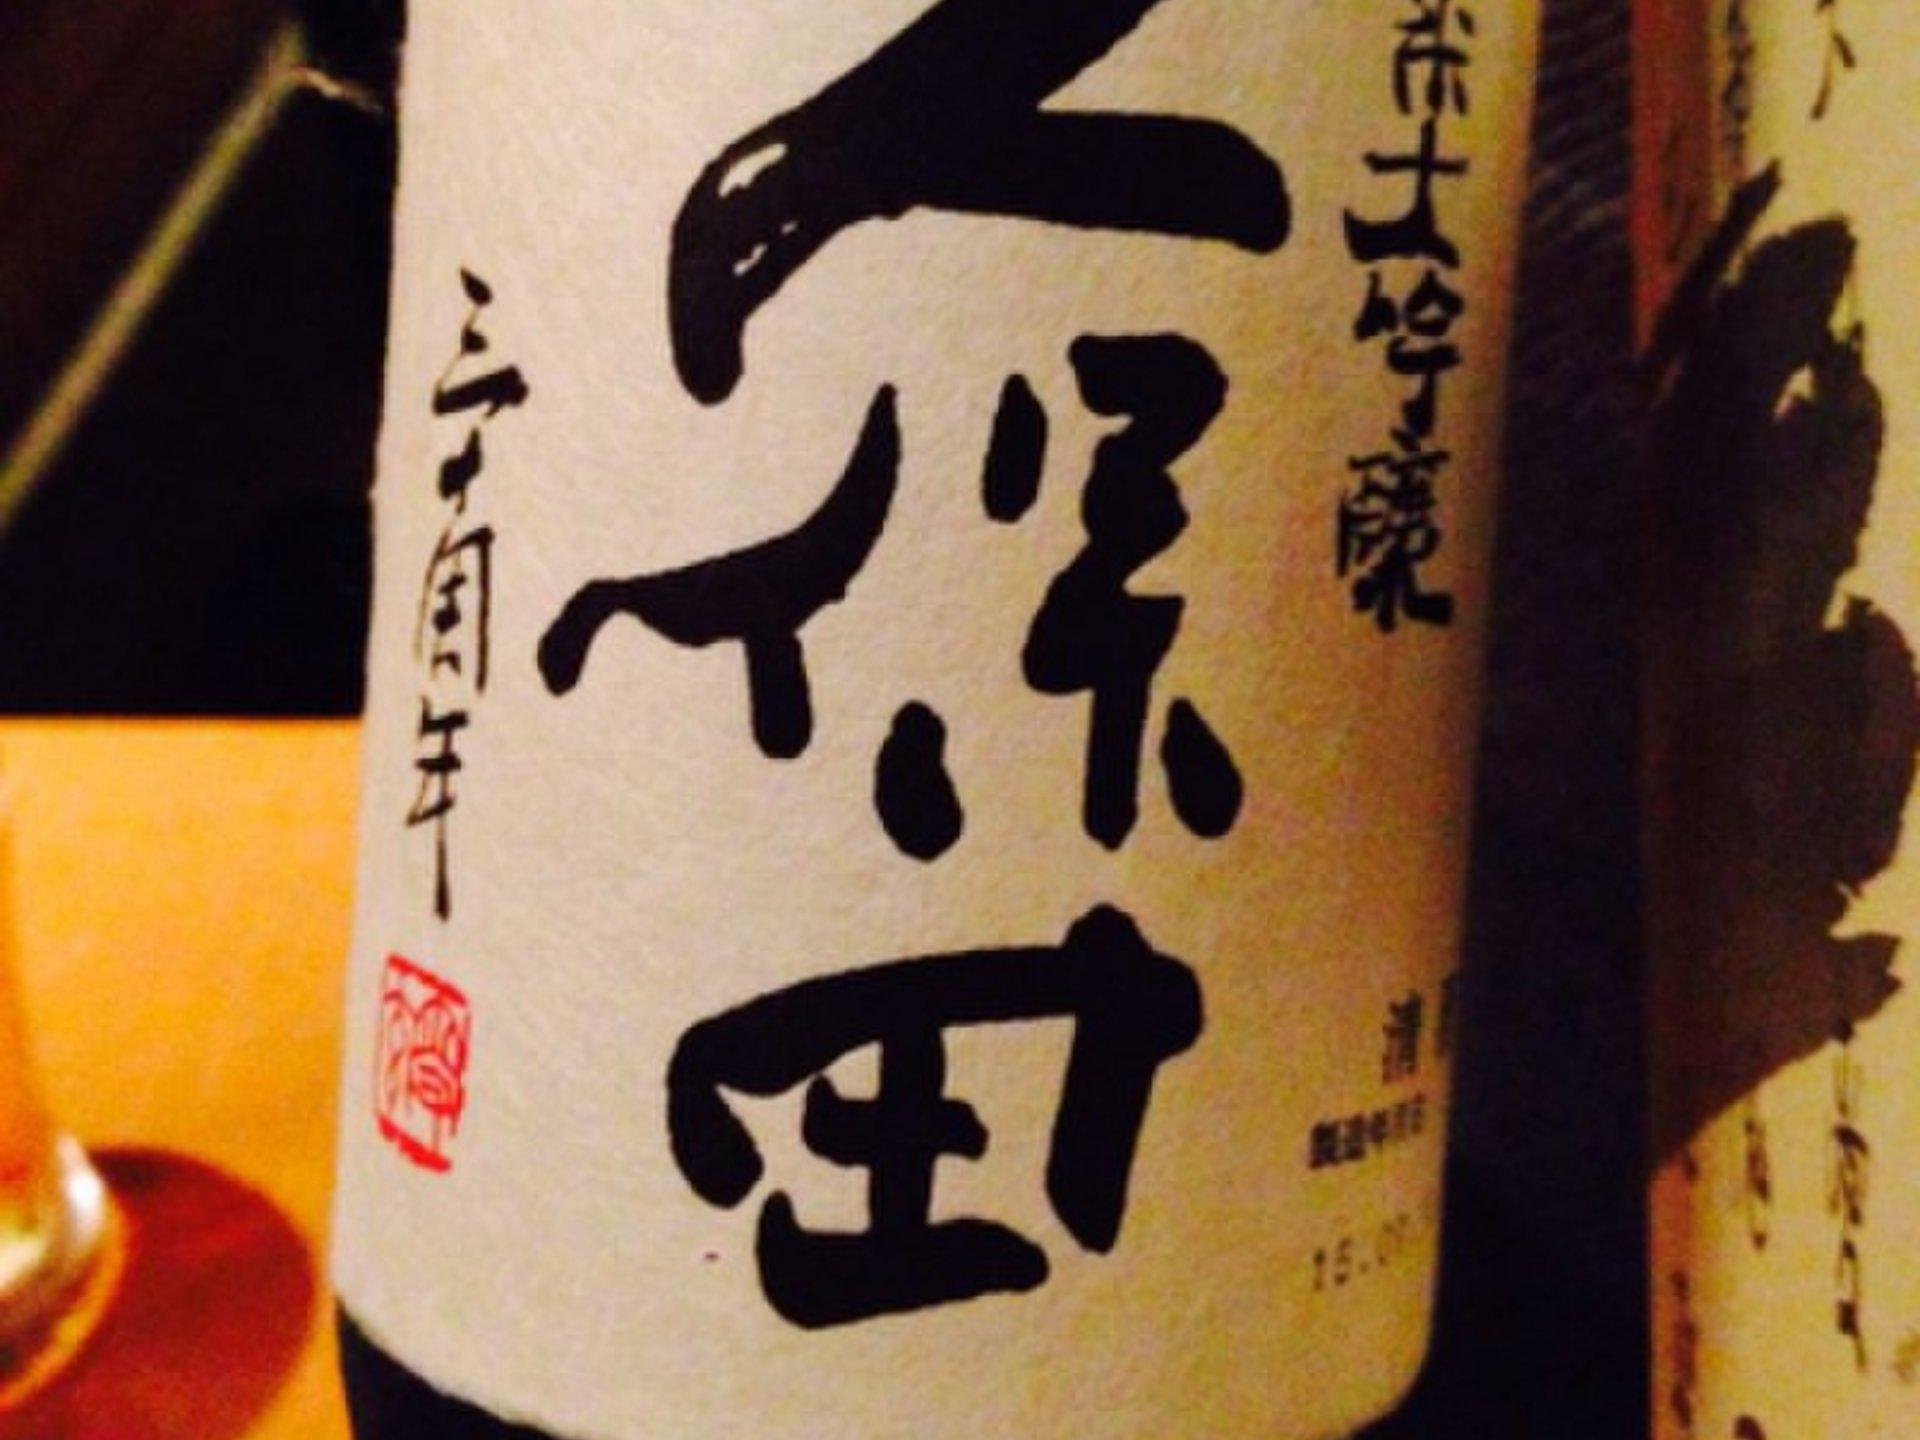 恵比寿西口周辺の人気和食店!旨い日本酒と一緒に美味しい和食のディナーを。